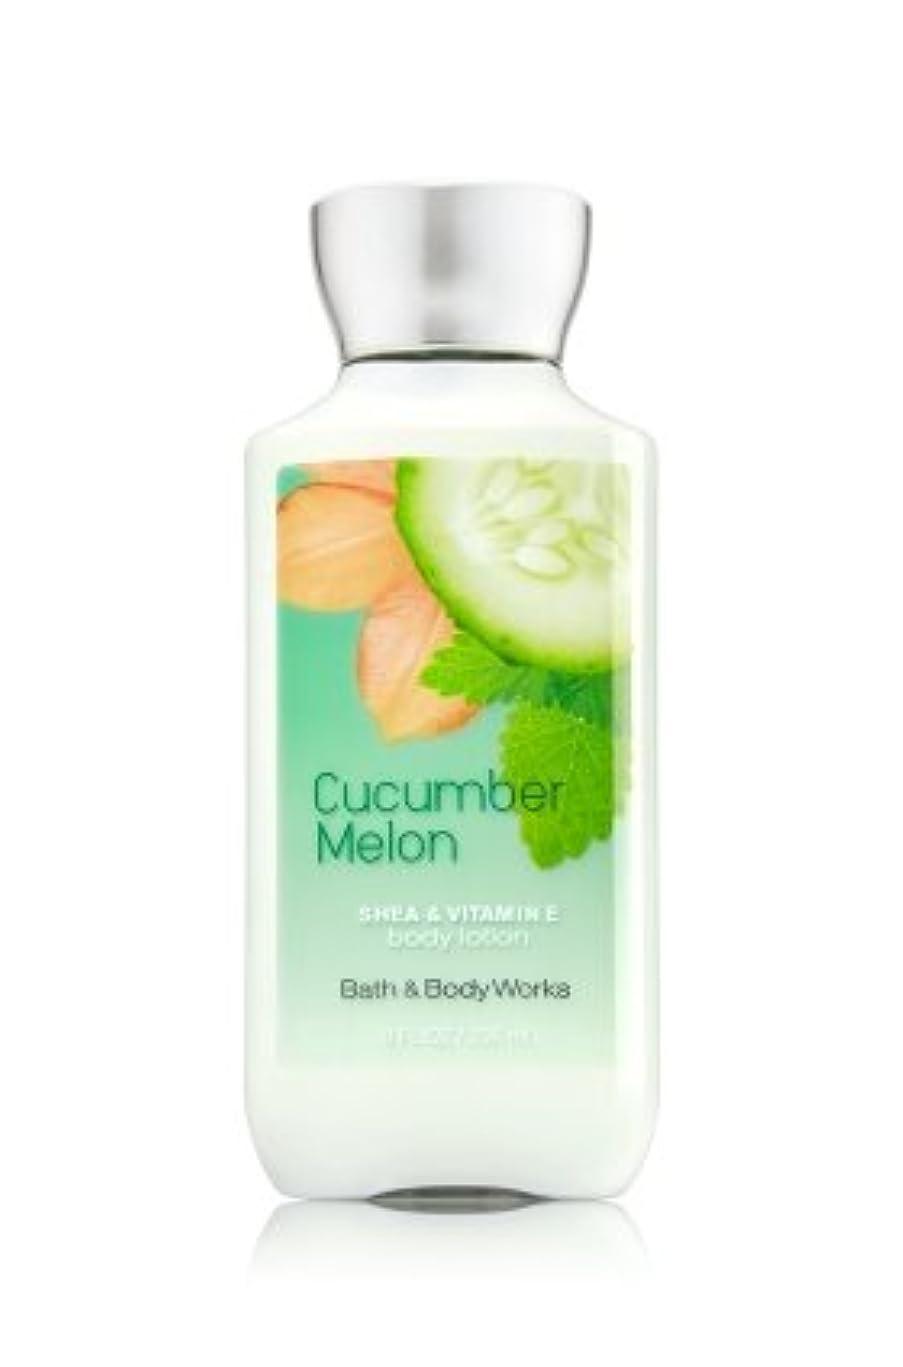 手荷物ハウスひばり【Bath&Body Works/バス&ボディワークス】 ボディローション キューカンバーメロン Body Lotion Cucumber Melon 8 fl oz / 236 mL [並行輸入品]